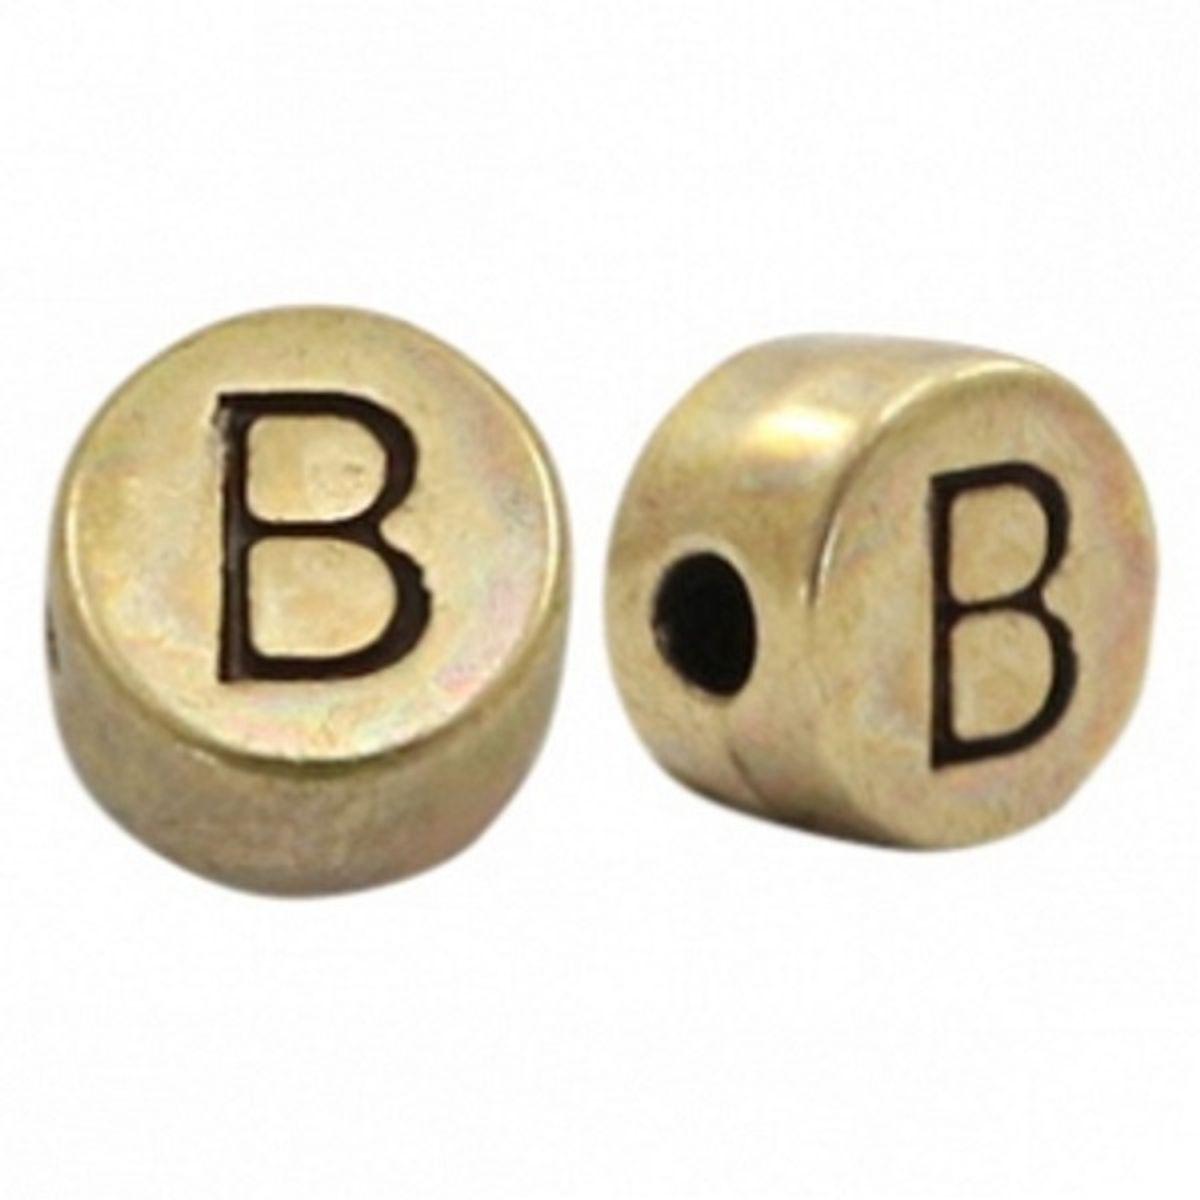 Buchstabenperle Bronze - 1 Stück - Ø 7 mm